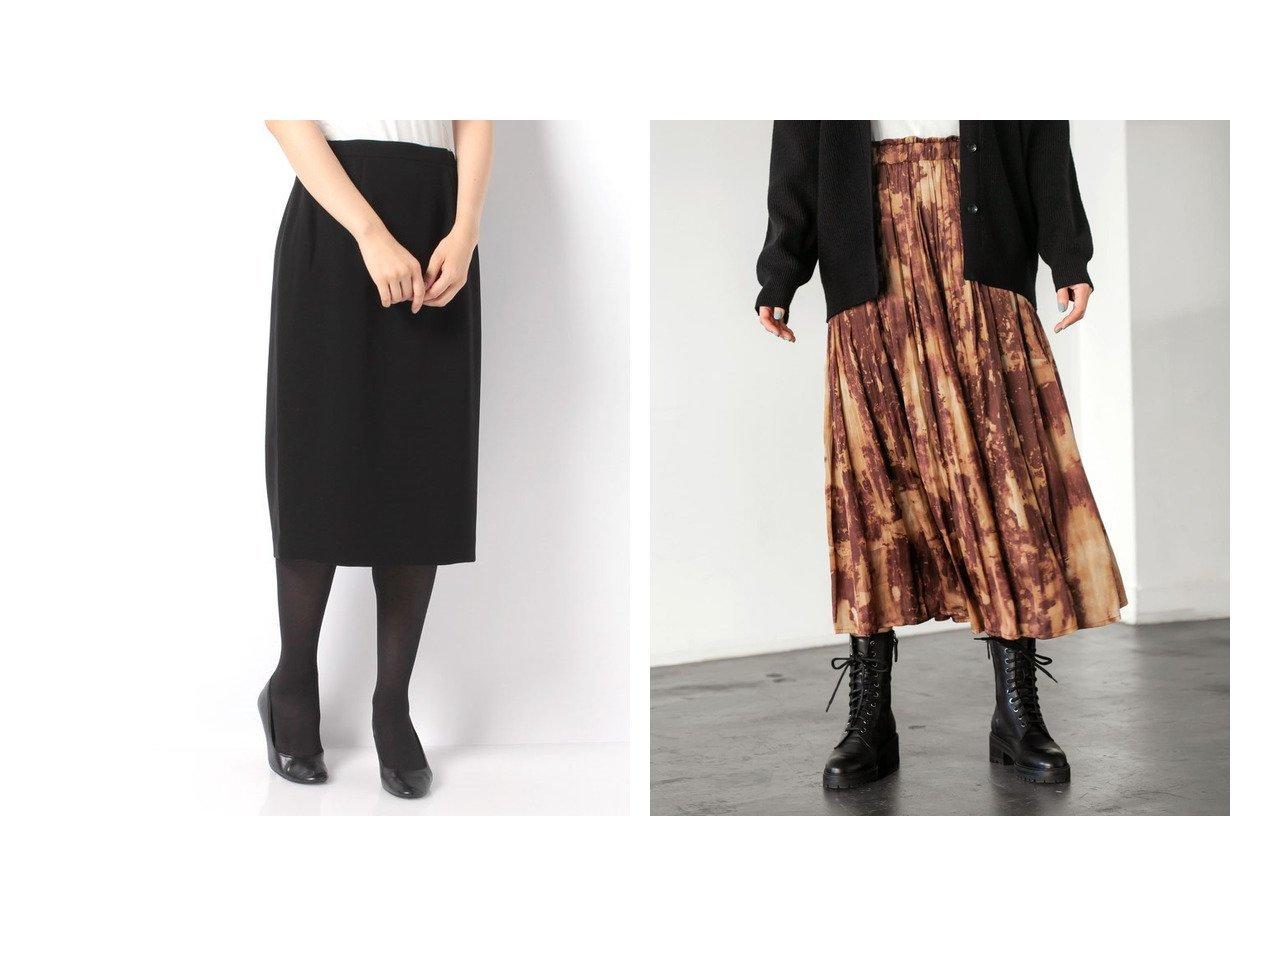 【LAPINE FORMAL/ラピーヌ フォーマル】の【オールシーズン・喪服・礼服・フォーマル用】定番フォーマルスカート&【STYLE DELI/スタイルデリ】の【LUXE】ぼかし柄サテンギャザースカート スカートのおすすめ!人気、トレンド・レディースファッションの通販 おすすめで人気の流行・トレンド、ファッションの通販商品 メンズファッション・キッズファッション・インテリア・家具・レディースファッション・服の通販 founy(ファニー) https://founy.com/ ファッション Fashion レディースファッション WOMEN スカート Skirt Aライン/フレアスカート Flared A-Line Skirts エレガント オレンジ くるぶし ギャザー グラデーション サテン スニーカー タイツ ドレープ なめらか パターン フォルム フラット フリル フレア ペチコート ポケット 防寒 ミックス レギンス ロング 冬 Winter スリット フォーマル プリーツ 人気 |ID:crp329100000014141